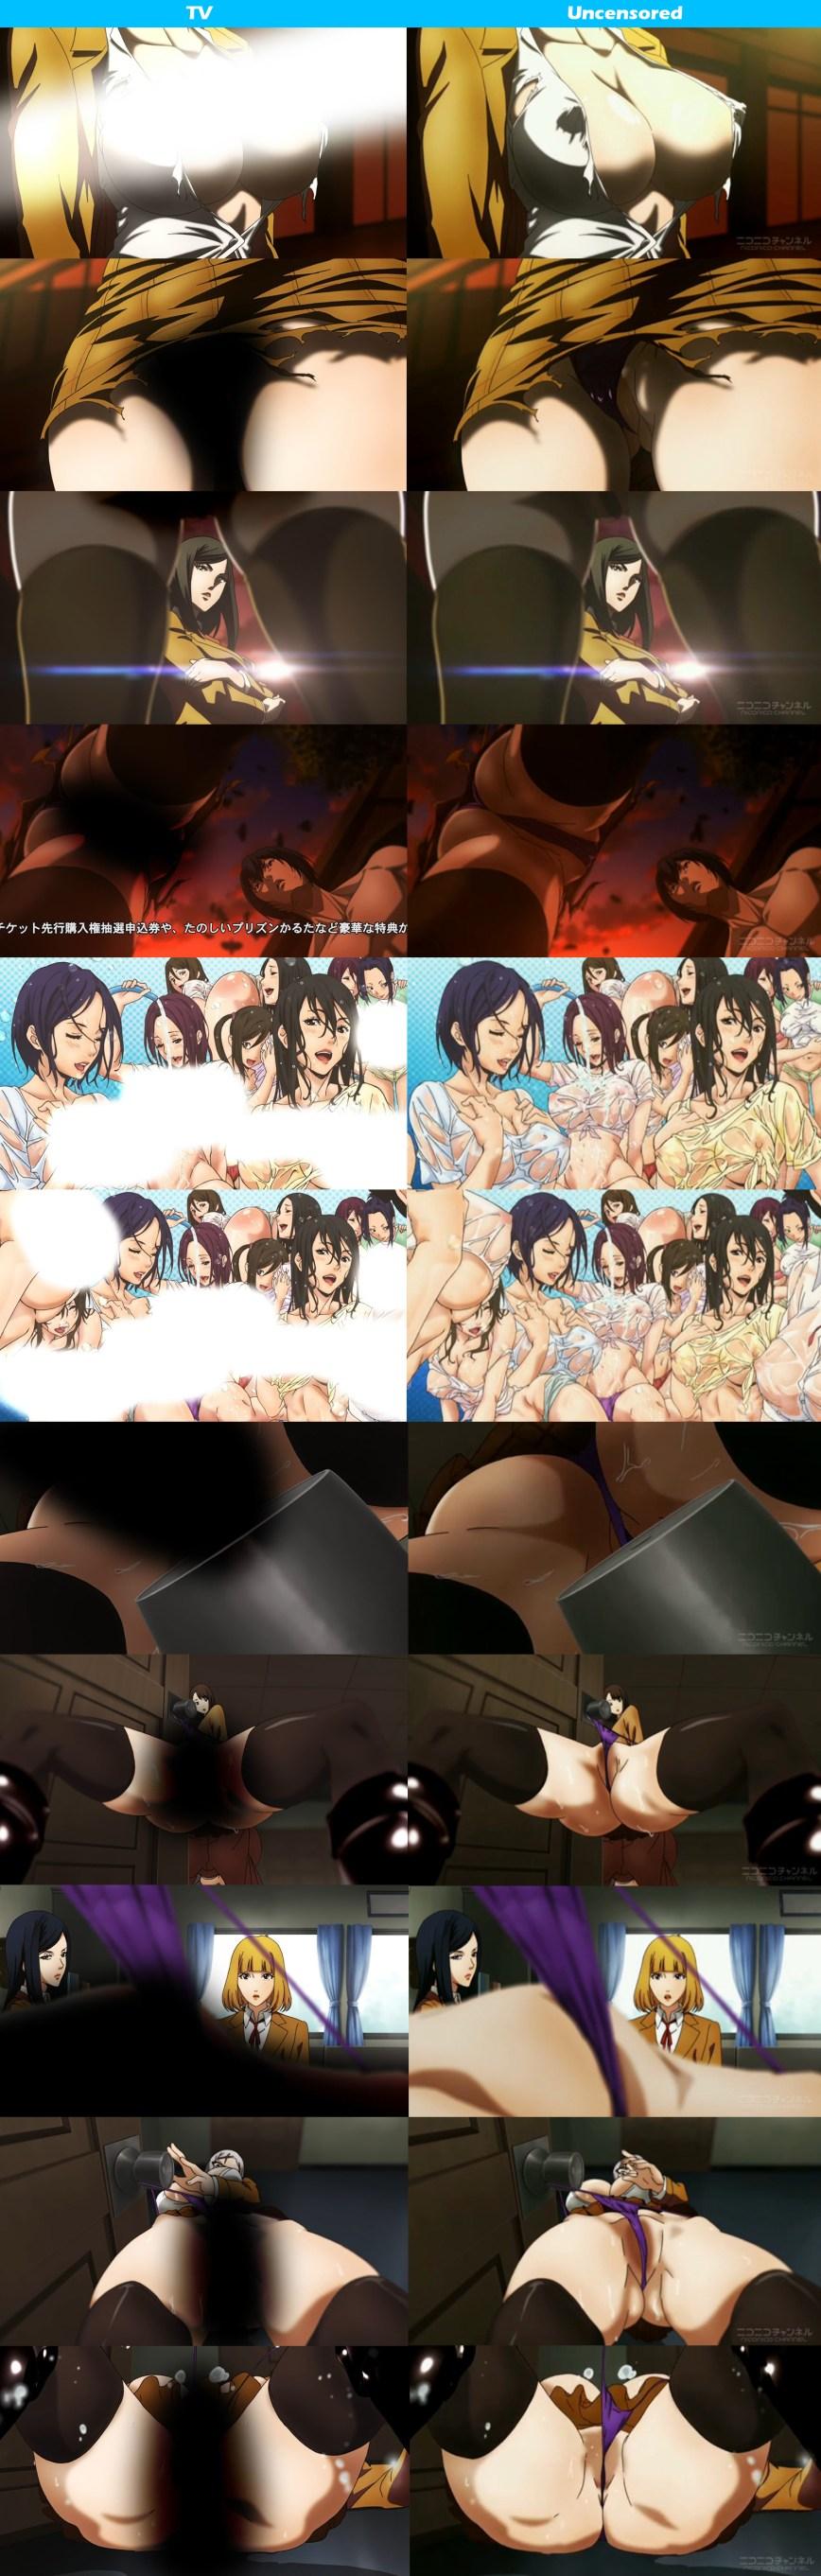 Prison-School-Anime-Censored-and-Uncensored-Comparison-6